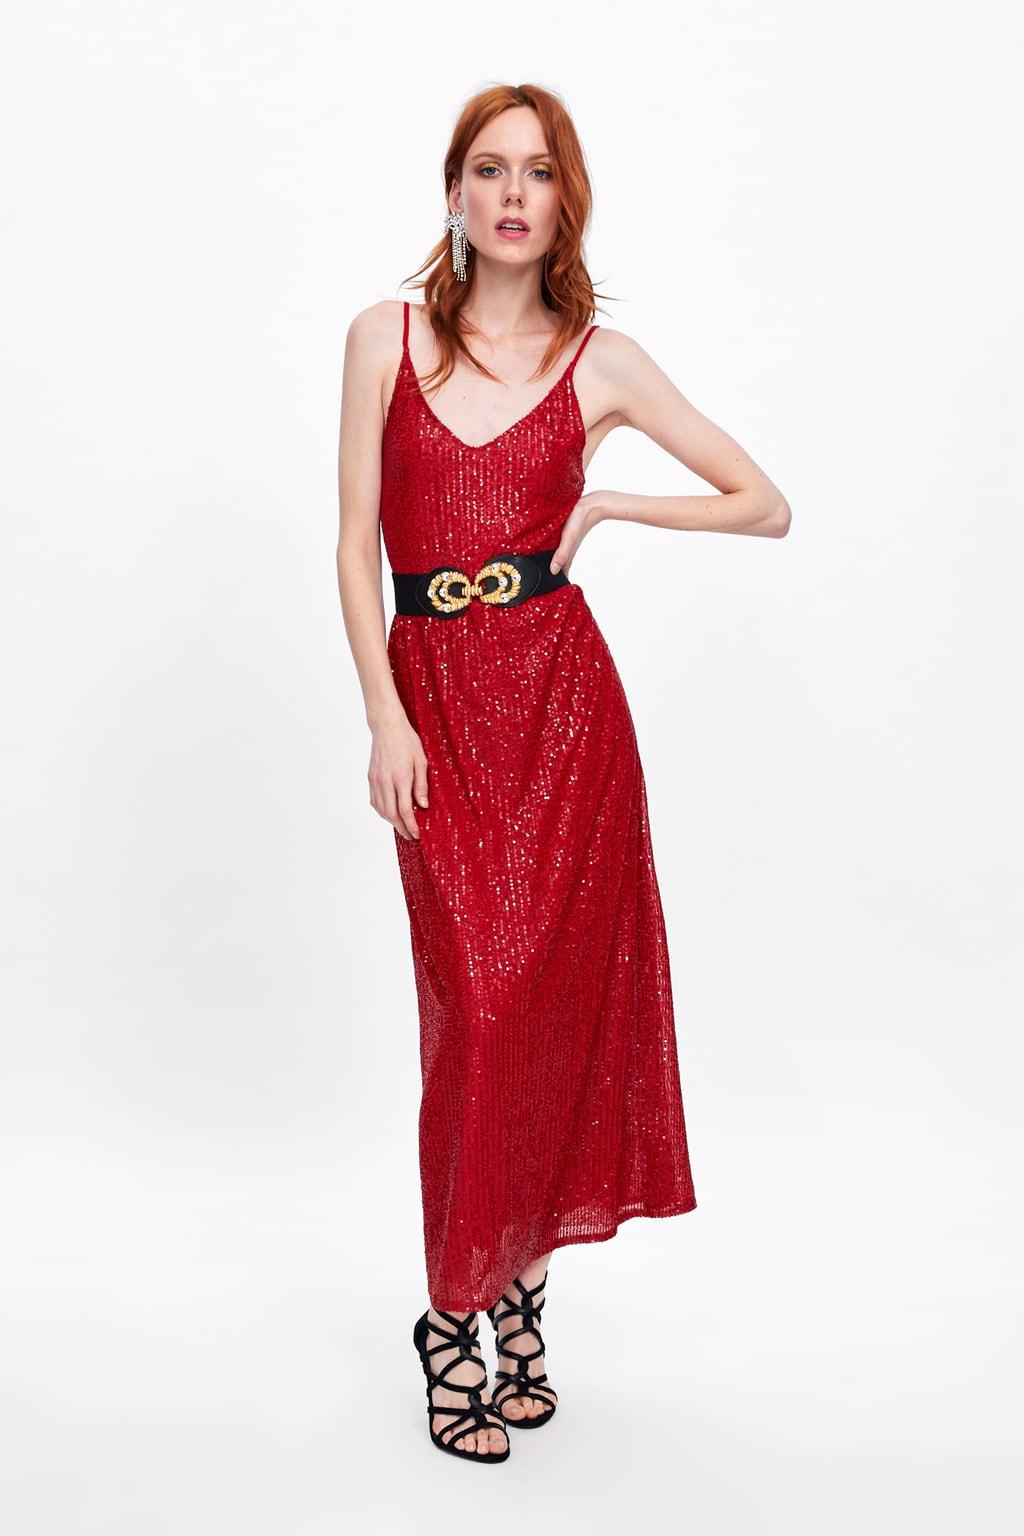 112fb269 Normalmente, según apuntan desde portales especializados, este tipo de  vestidos suele alcanzar los 70 euros. Sin embargo, en la web de Zara estará  ...